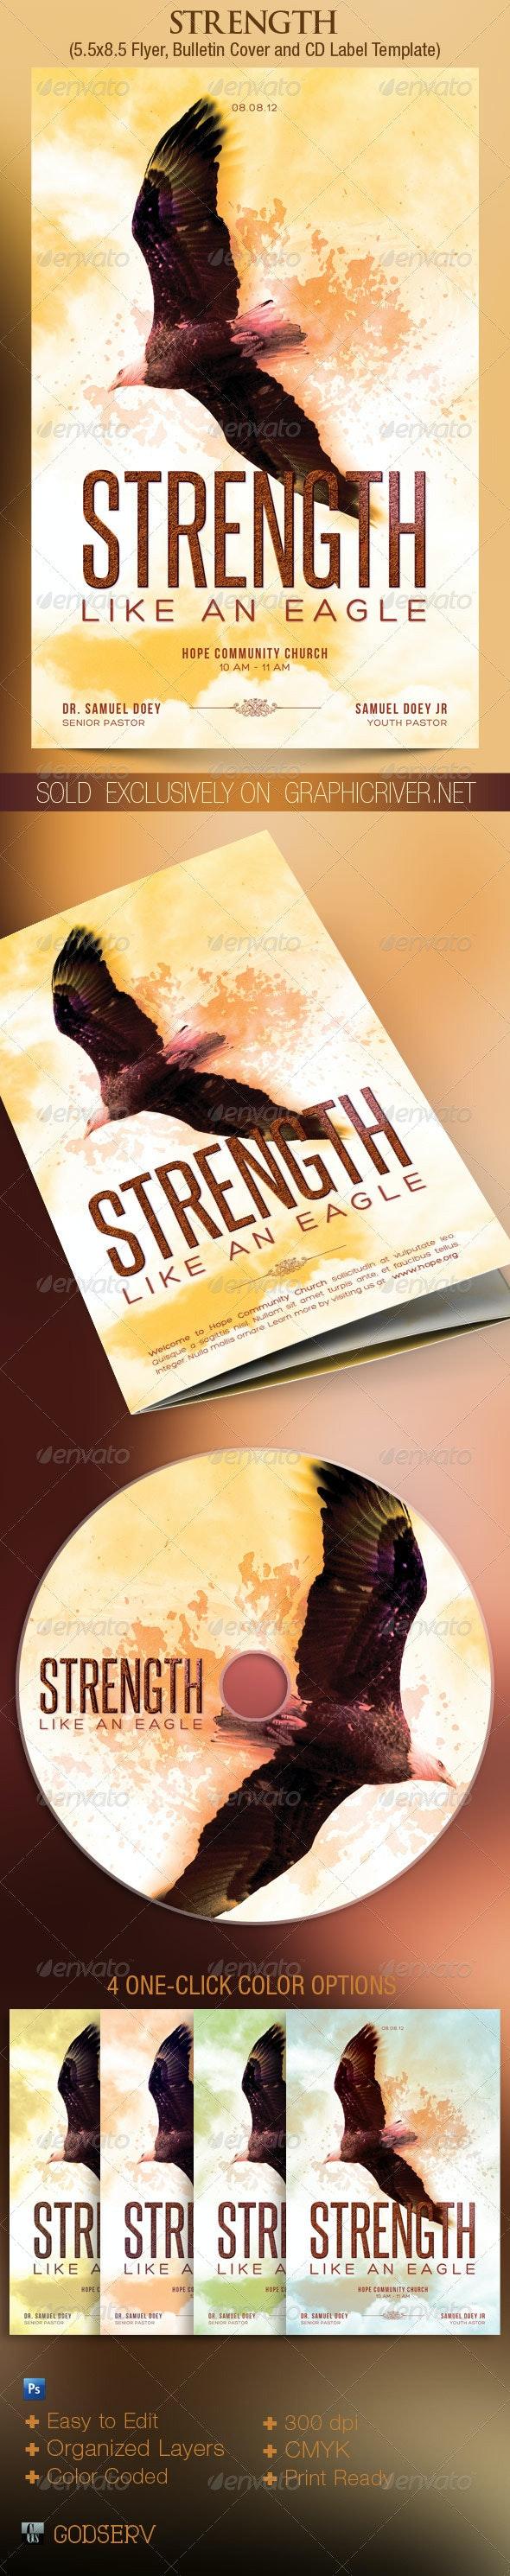 Eagle Strength Flyer Bulletin CD Template - Church Flyers